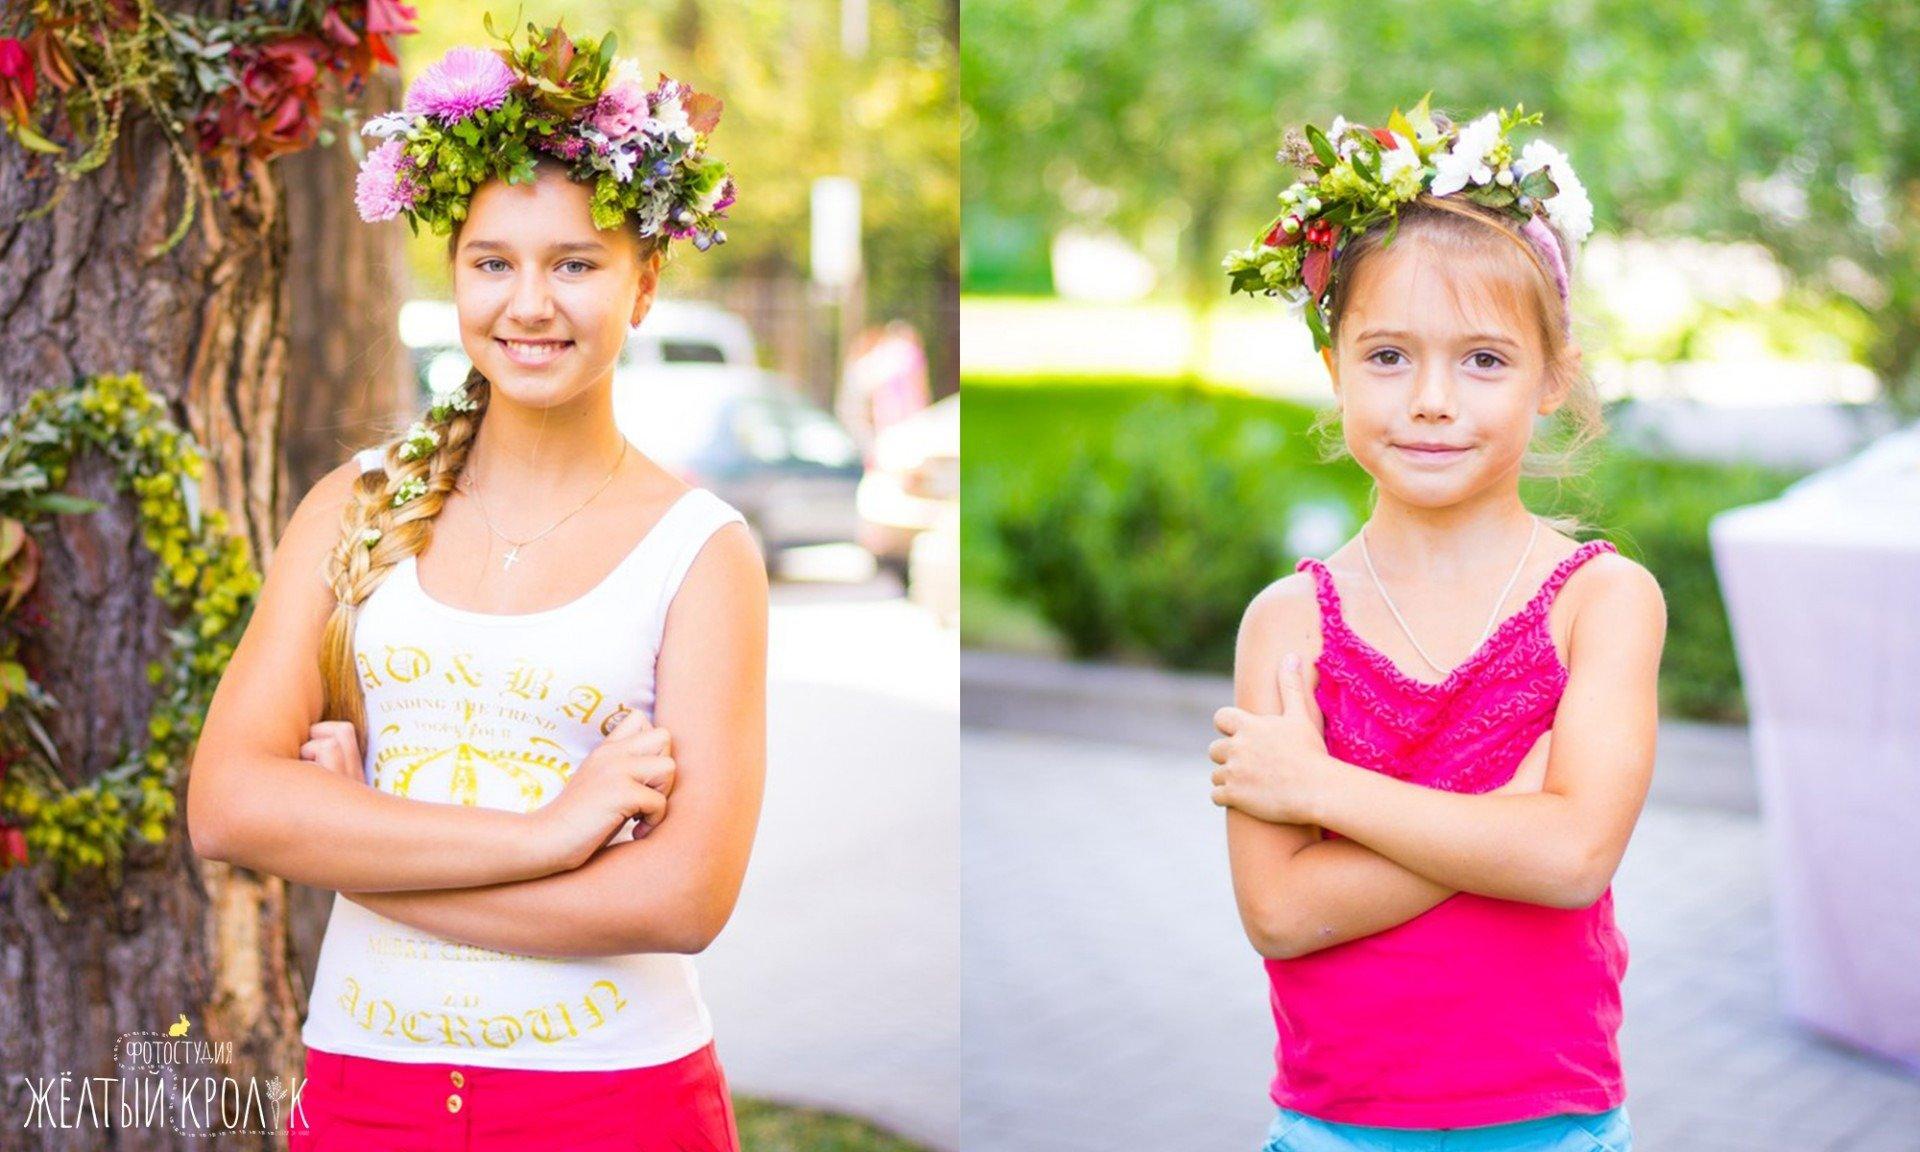 красивые дети девочки в венках фото - репортажная фотосъемка в фотостудии желтый кролик